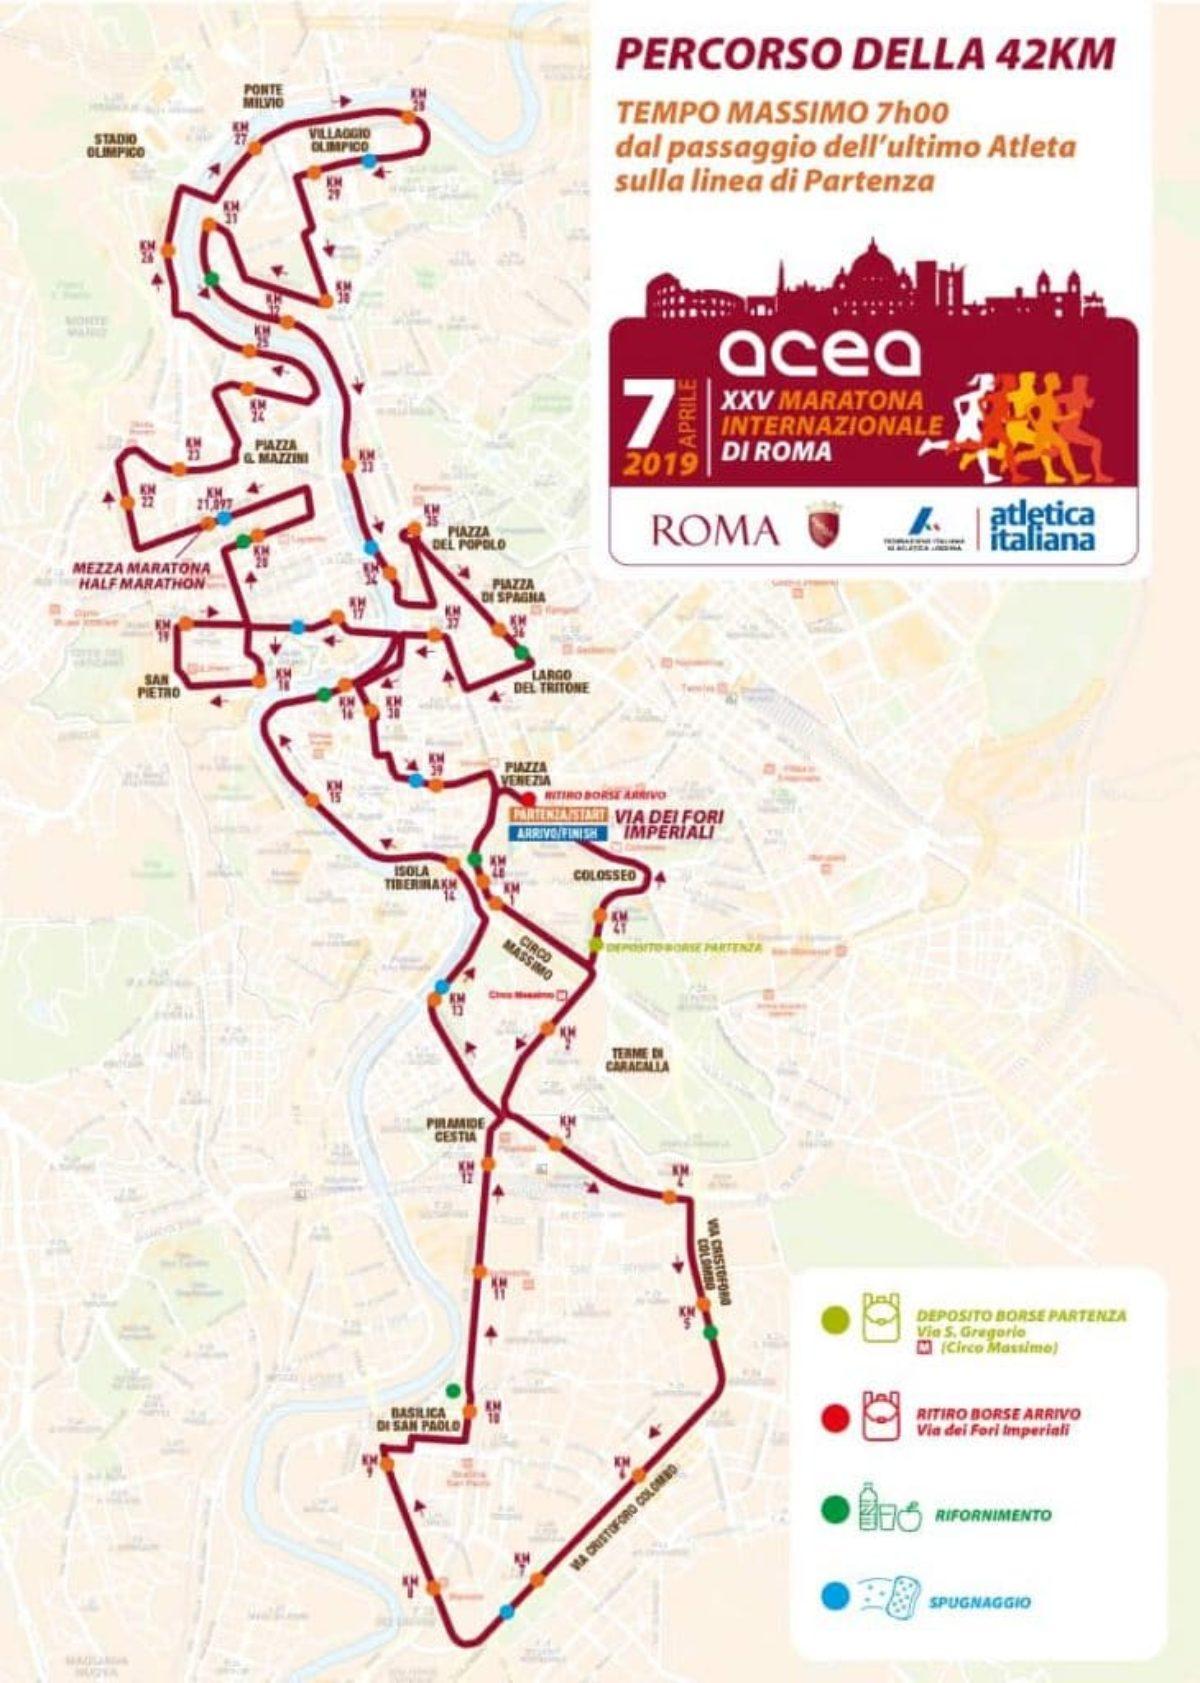 Calendario Maratone Internazionali 2020.Maratona Roma 2019 Percorso Tracciato Cartina Partenza